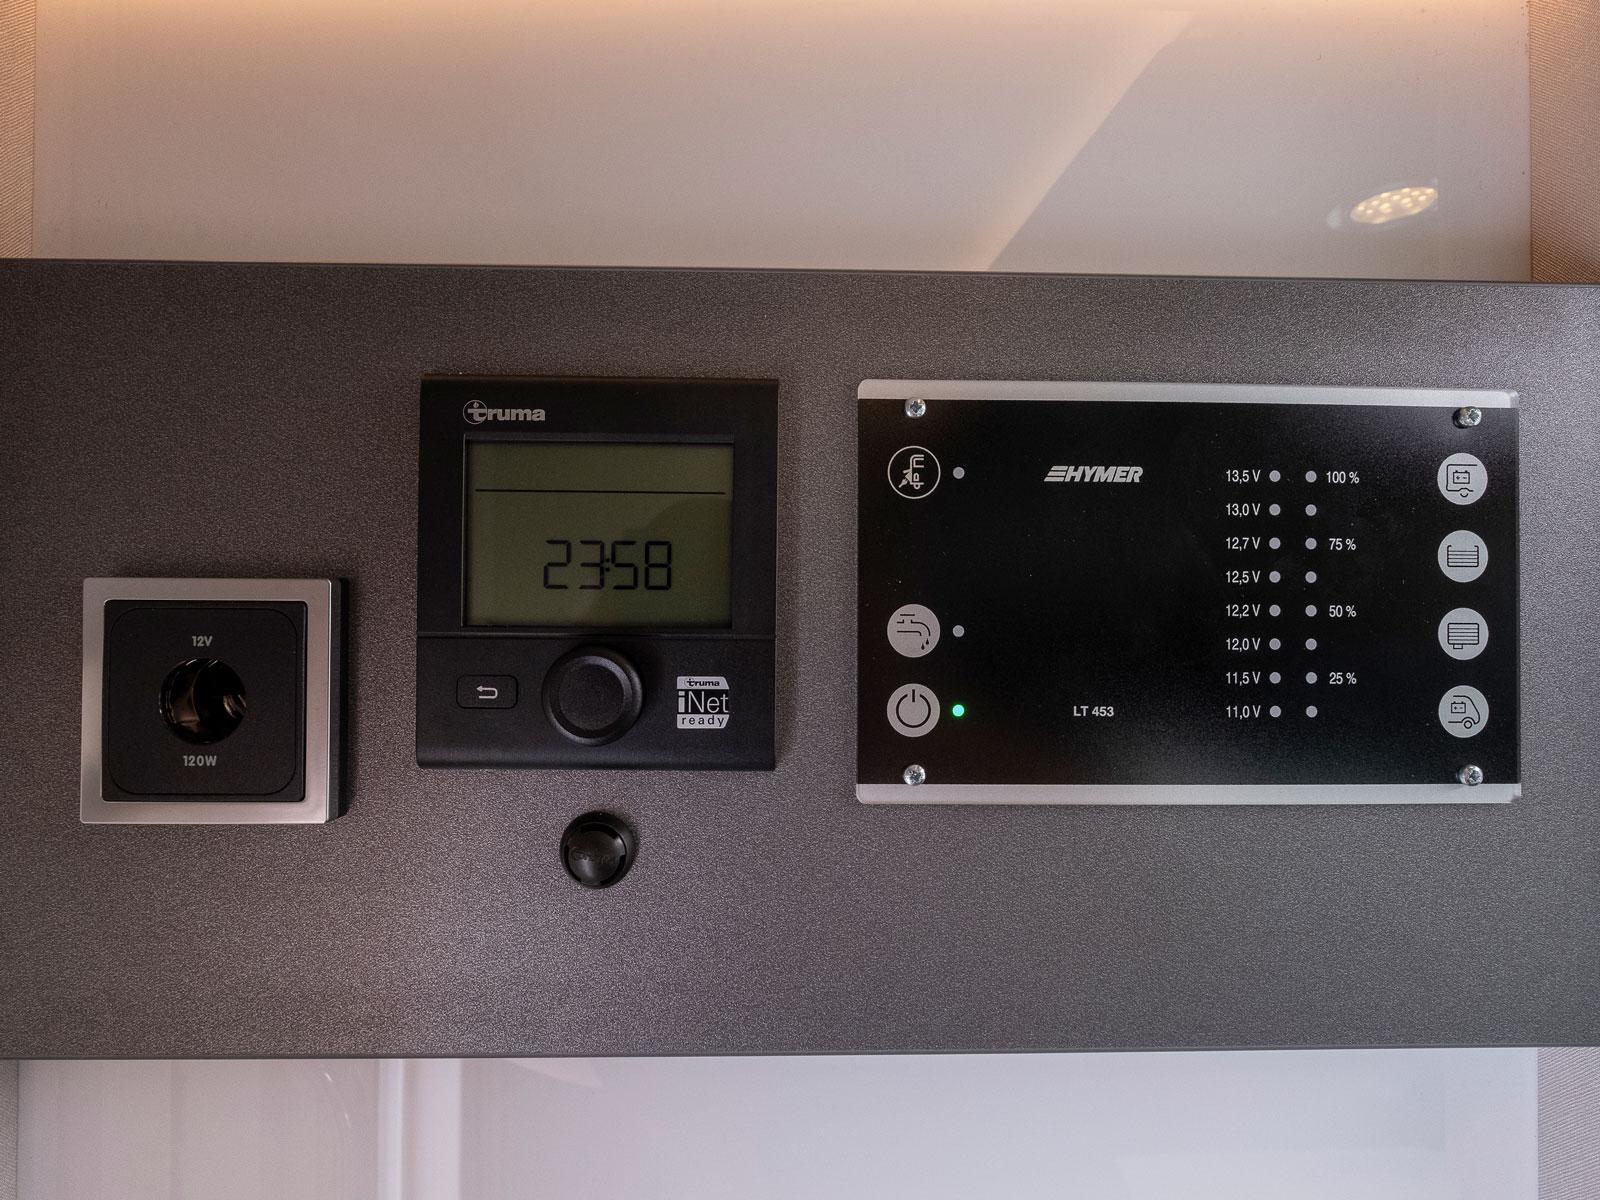 Värmepannan regleras härifrån och manöverpanelen är basic. Hymer rullar ut ett appstyrsystem till lyxbilarna våren 2021.